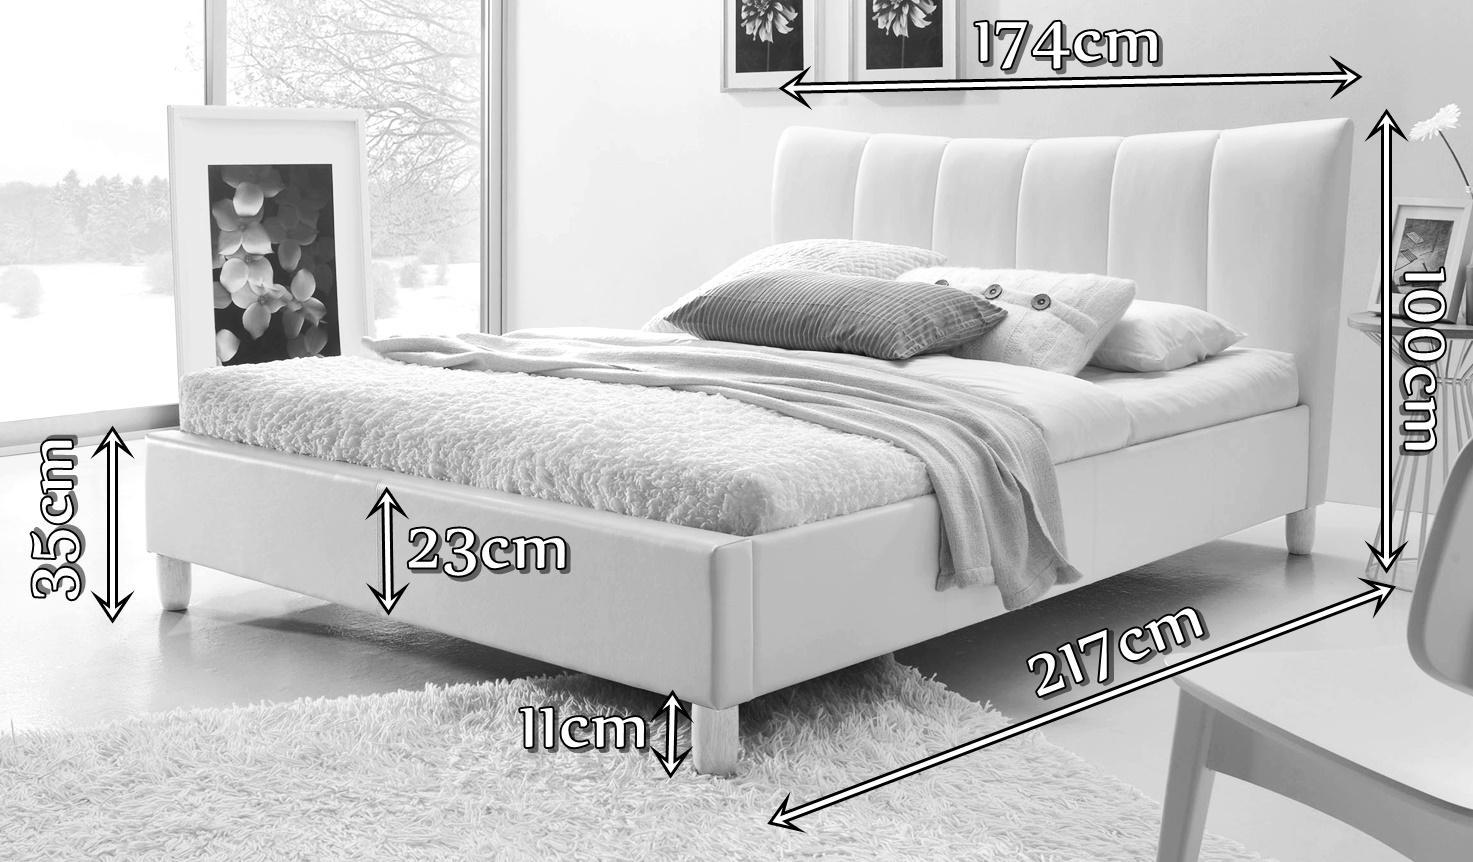 Łóżko Sandy wymiary